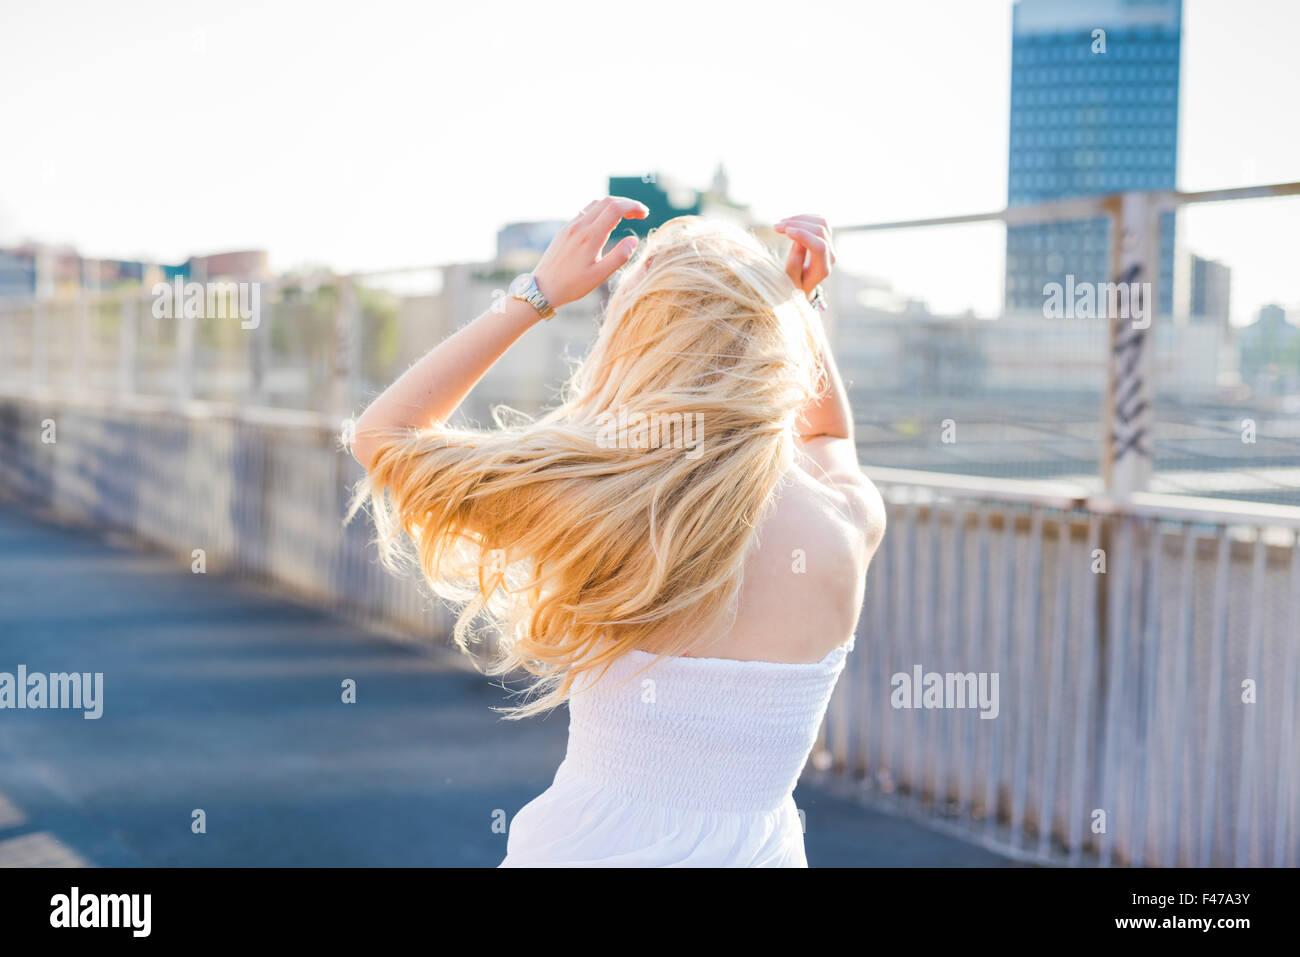 junge hübsche kaukasischen lange blonde glatte Haare Frau tanzt in der Stadt, Ansicht von hinten, in der Stadt Stockbild